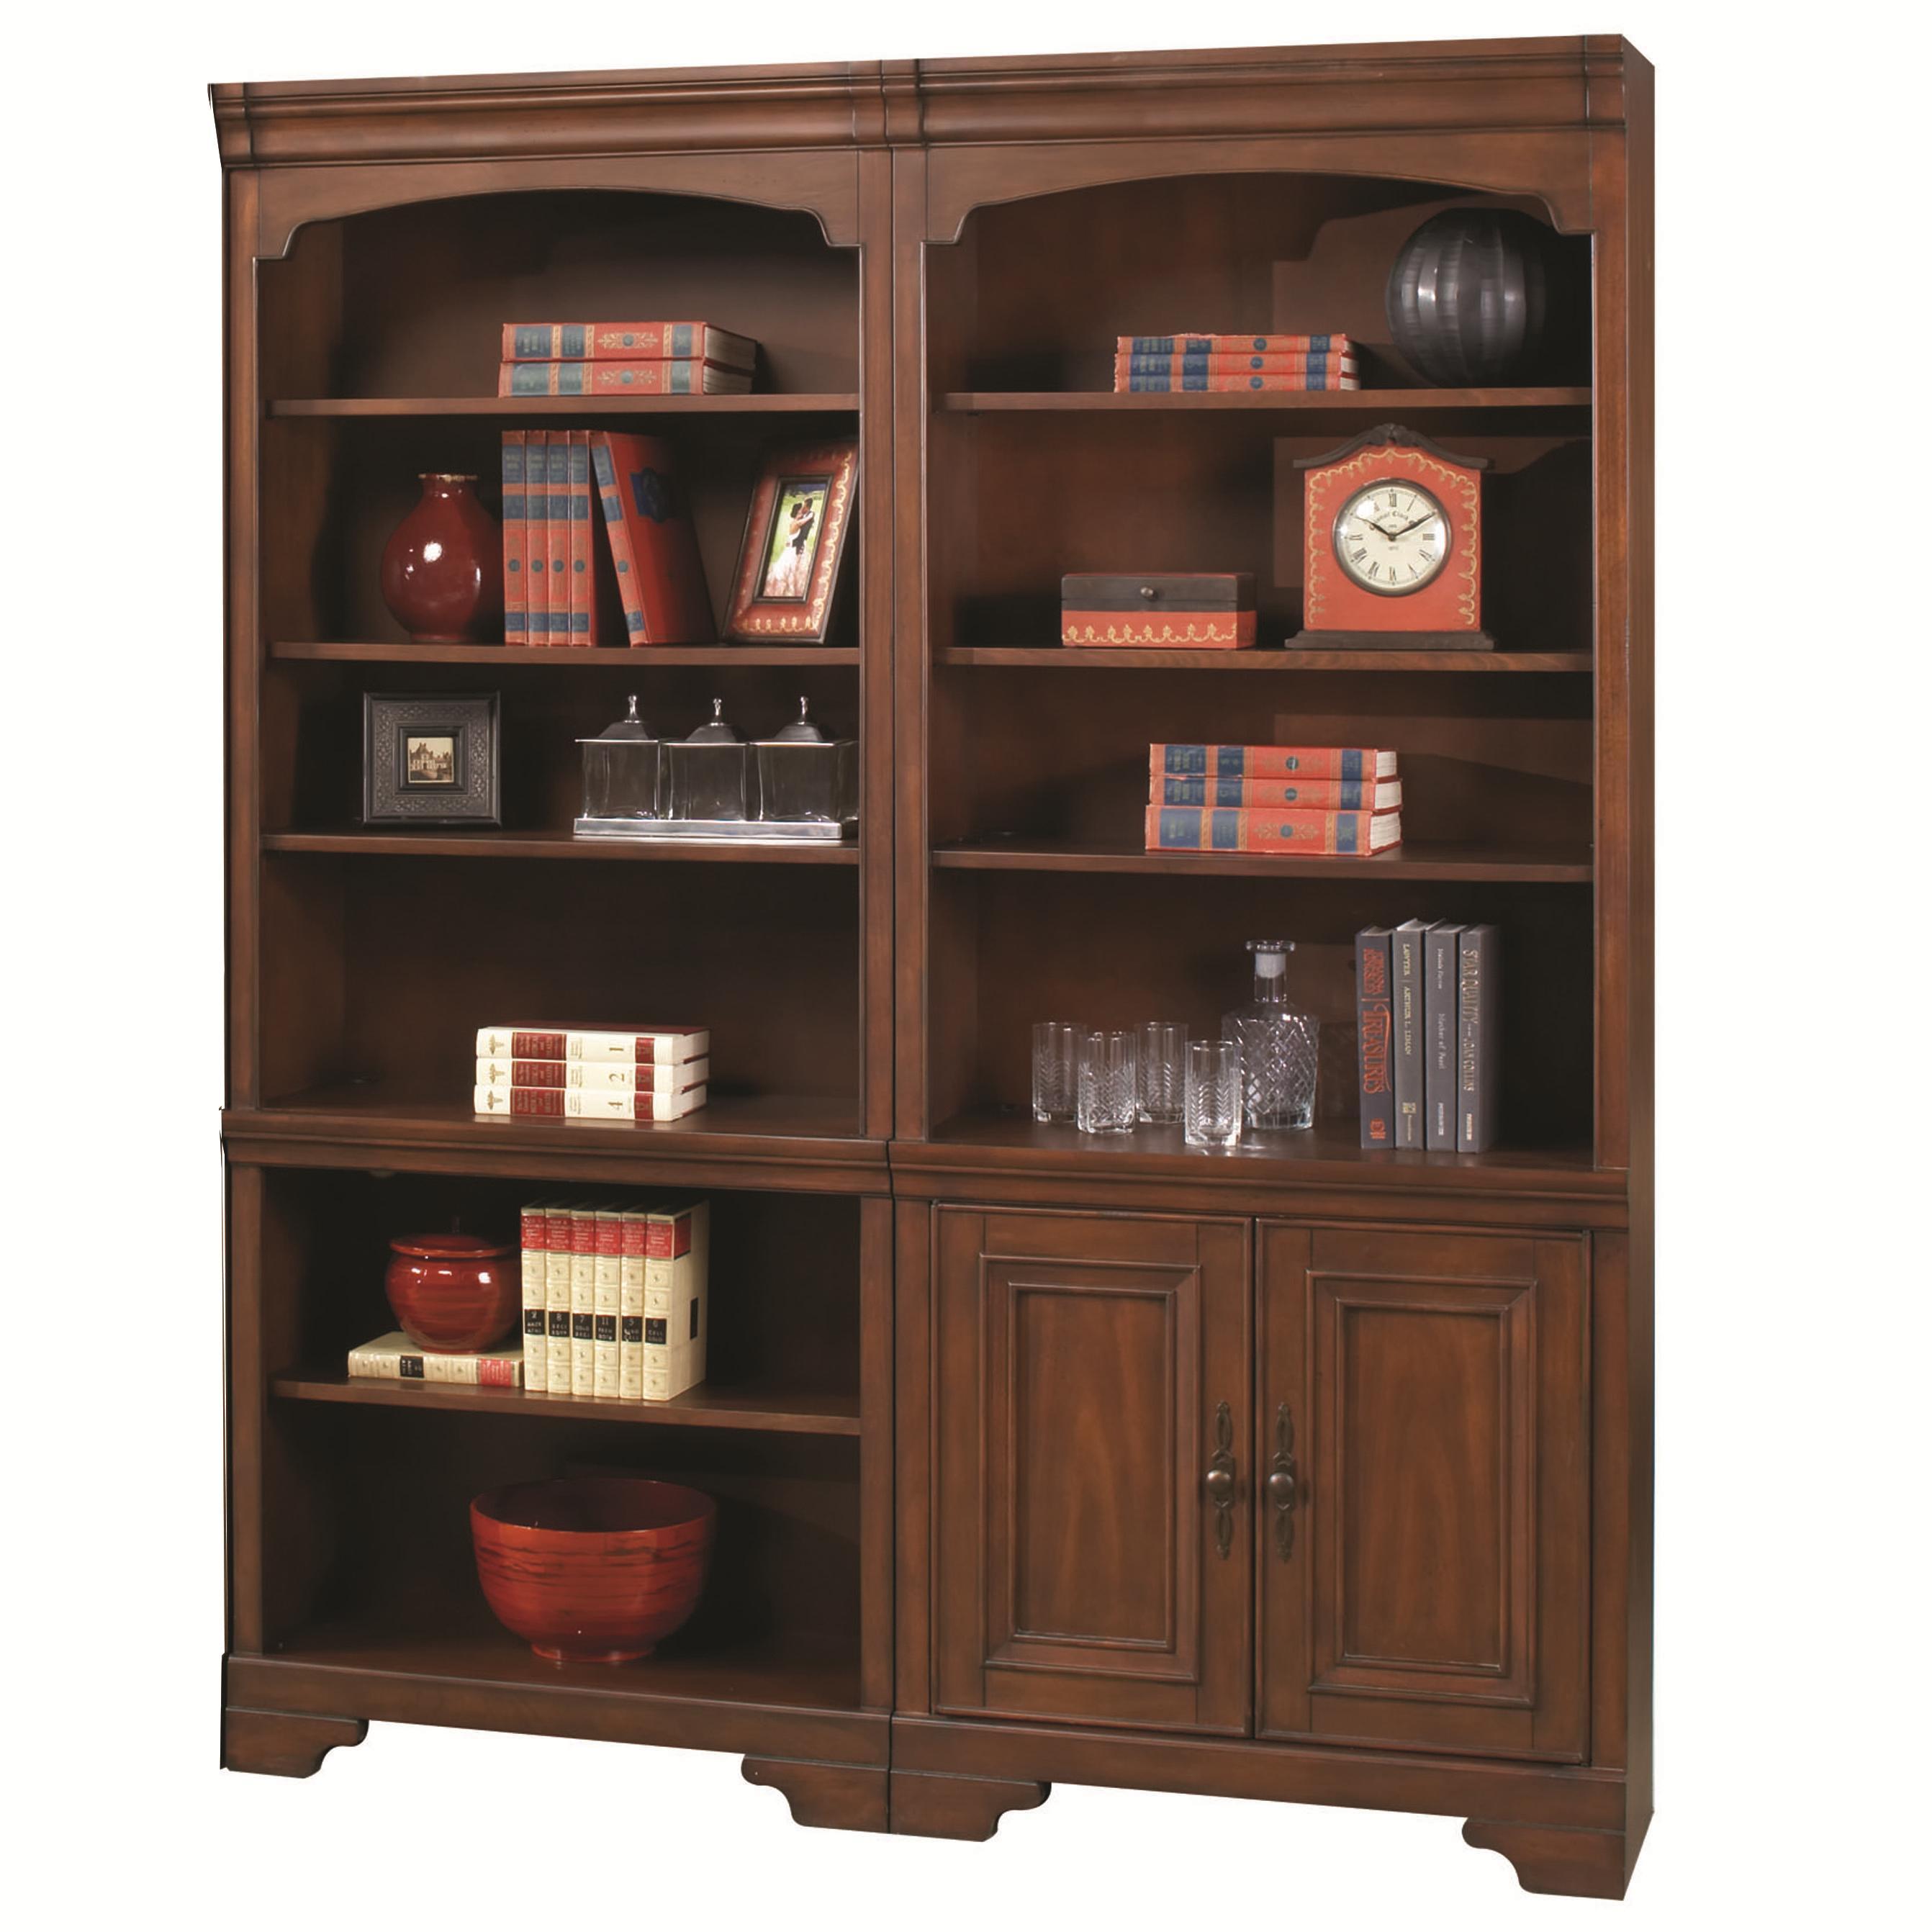 Aspenhome Richmond Small Bookcase Combination Dunk Bright Furniture Bookcase 2 Pc With